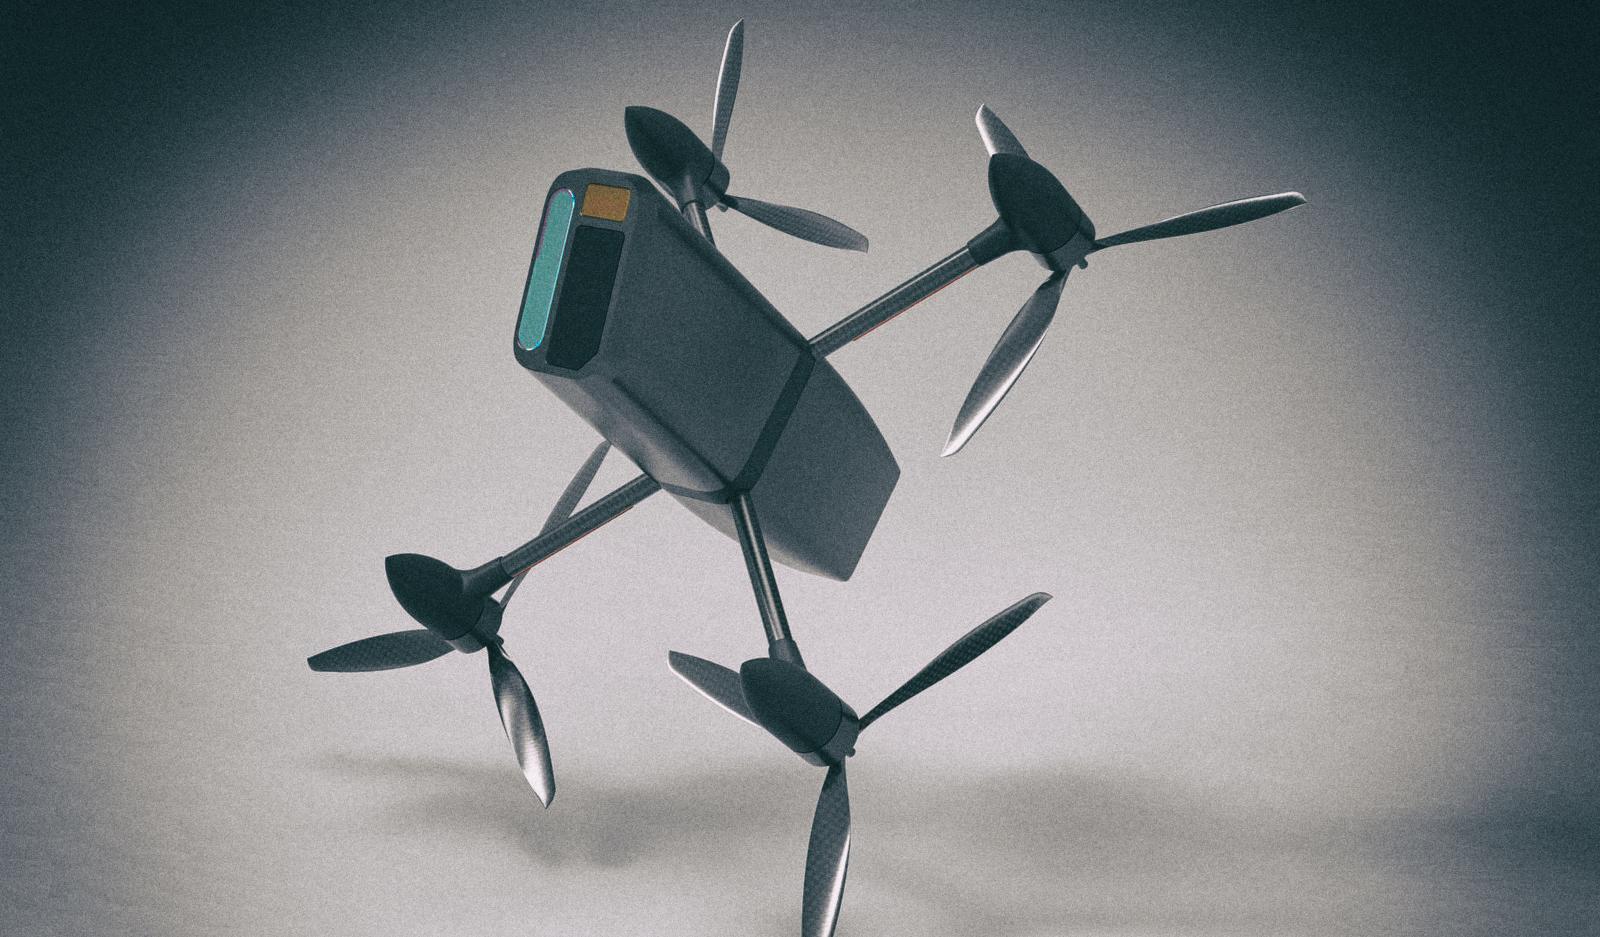 Разработан дрон-перехватчик для воздушного тарана других беспилотников